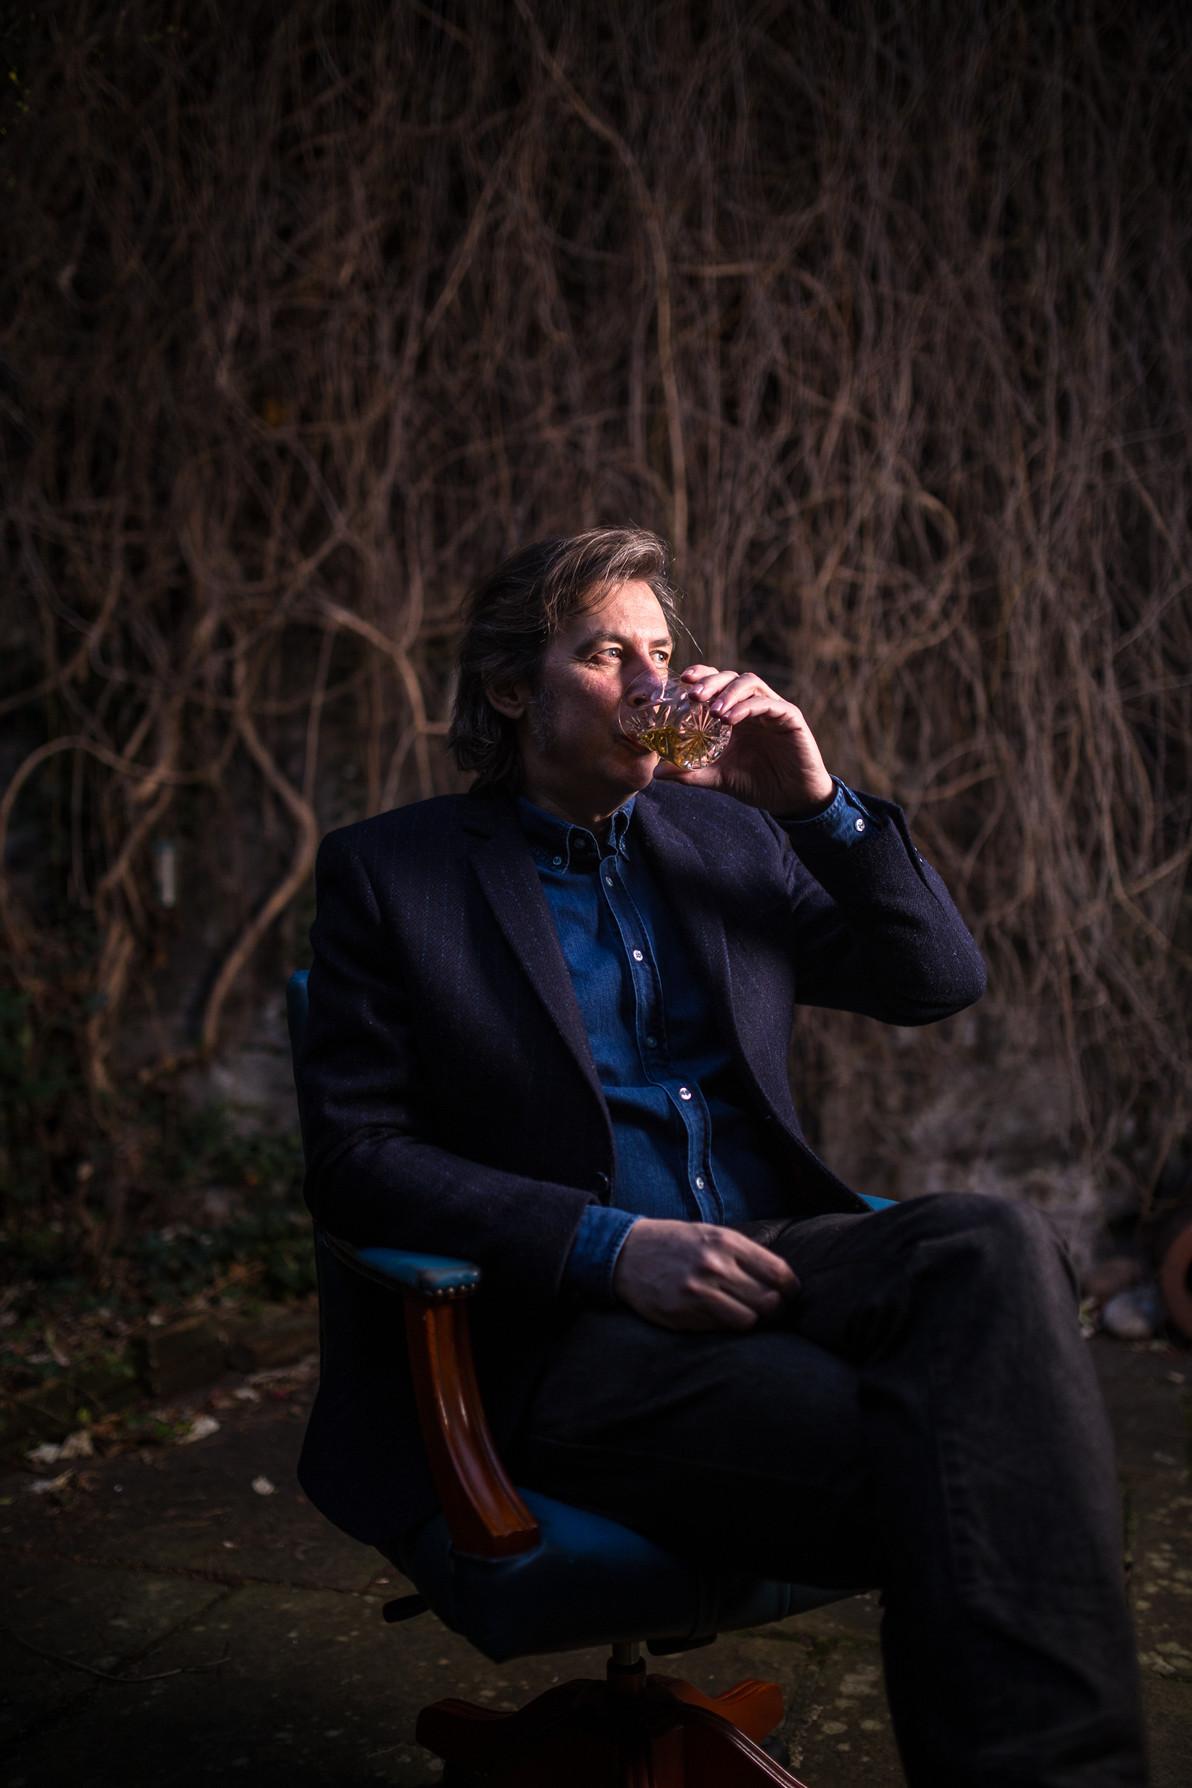 Paul Walker by Julien Borghino